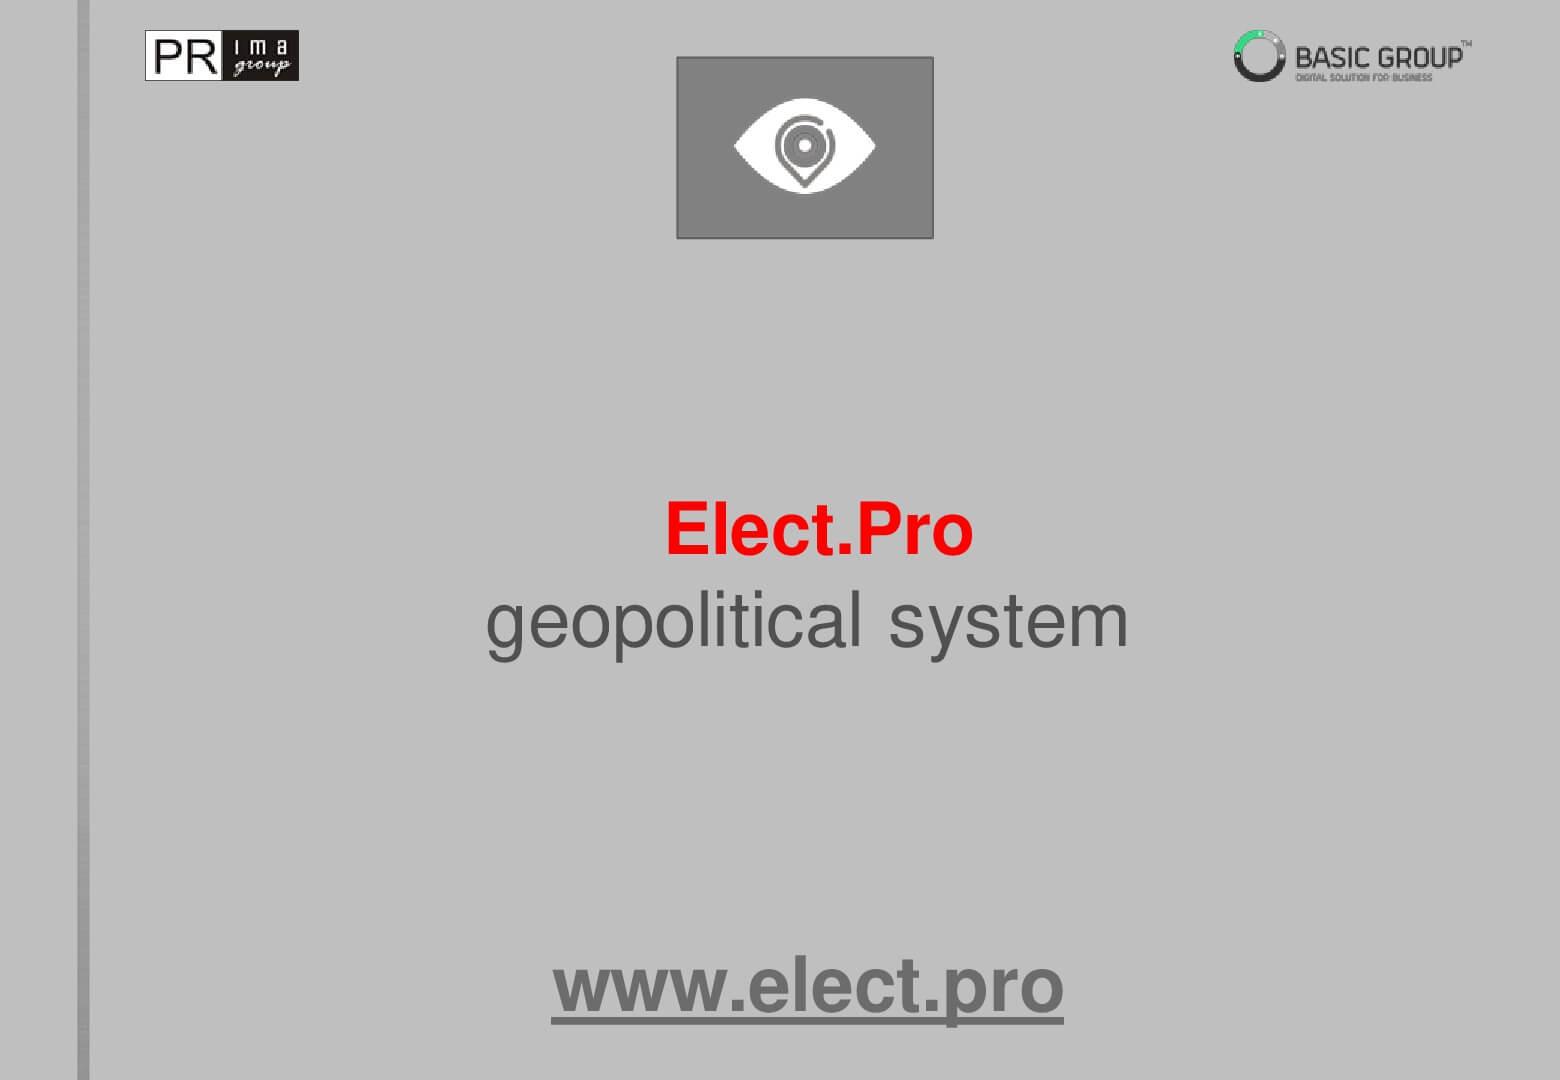 electpro_eng-001